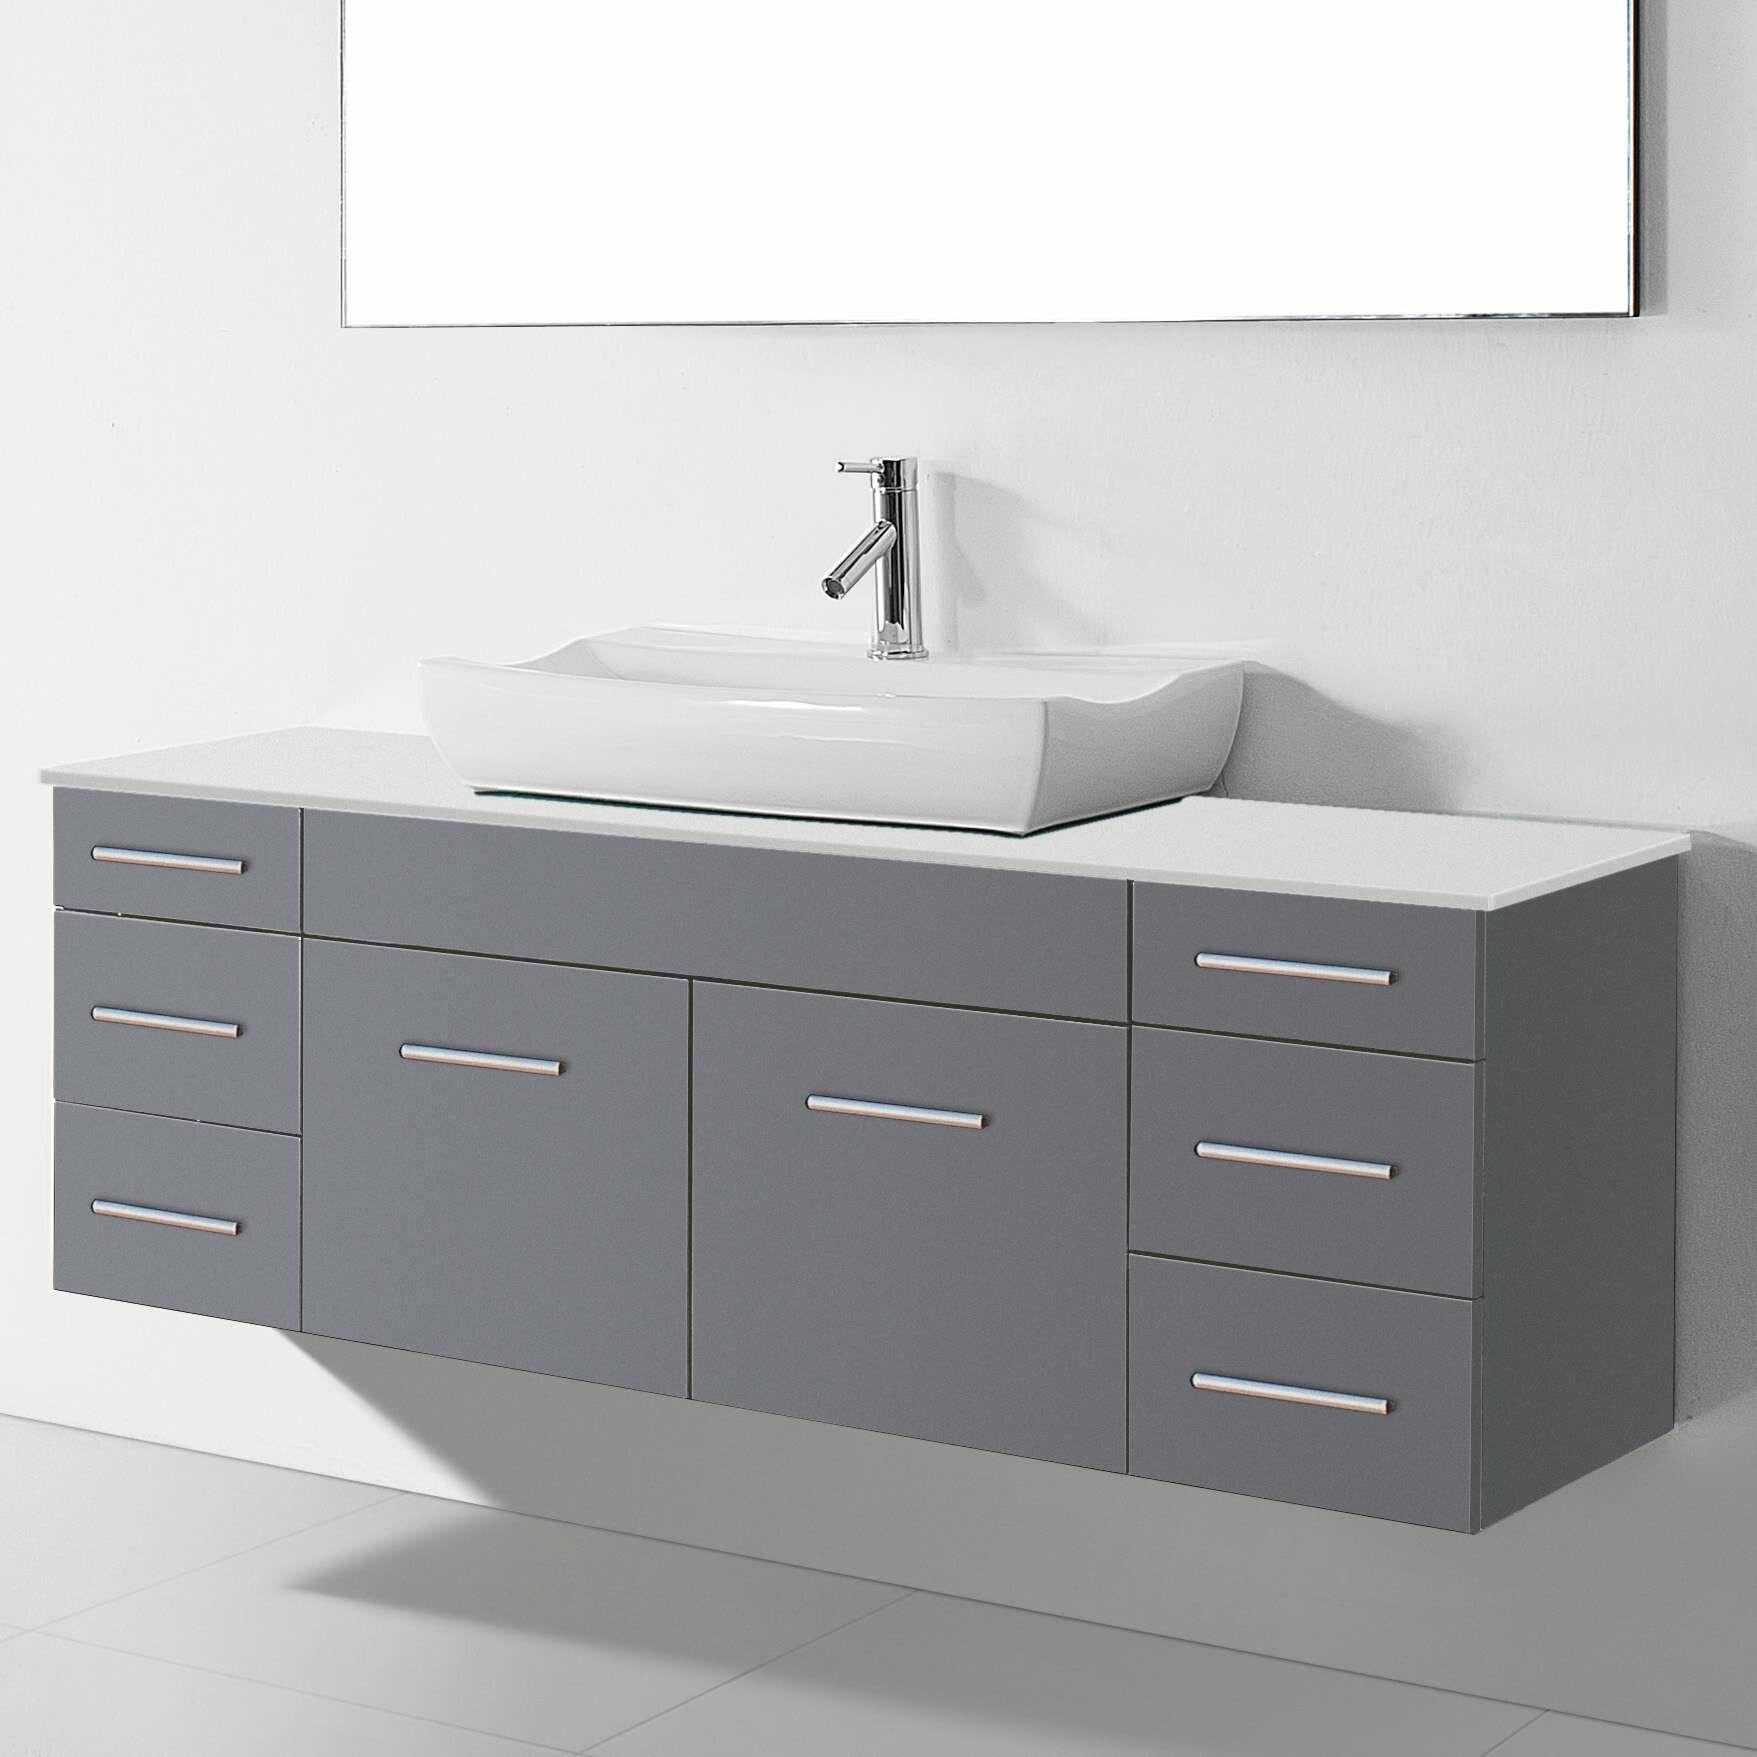 Virtu Ultra Modern Series 56 Single Bathroom Vanity Set With Mirror